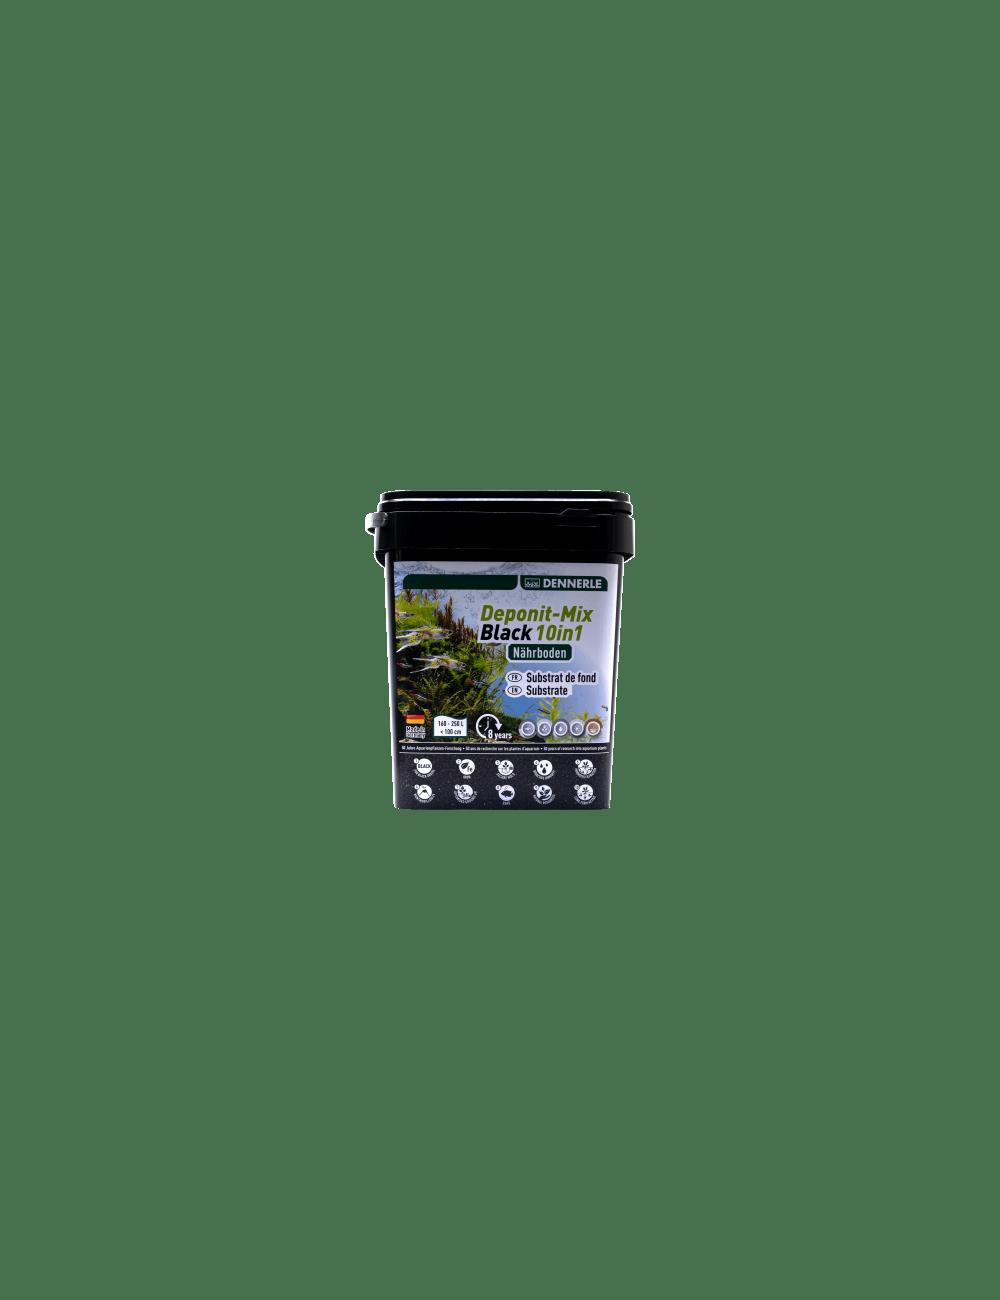 DENNERLE - Deponit-Mix Black 10IN1 - 9,6 kg - Substrat nutritif minéral noir